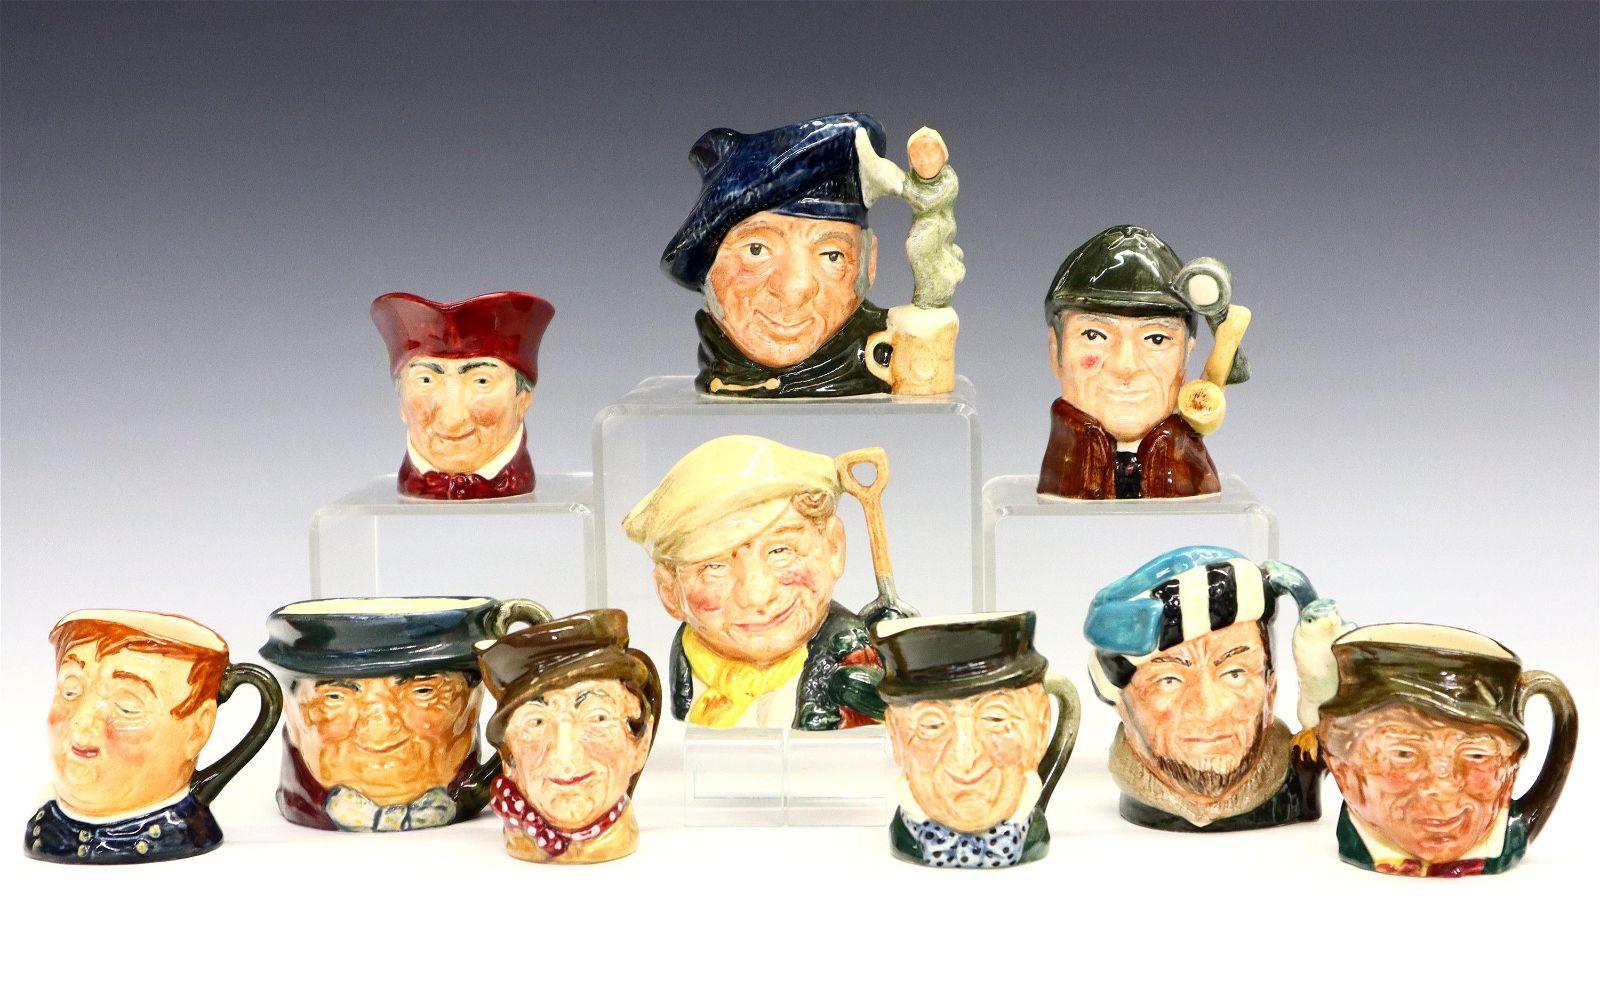 10 Small Royal Doulton Character Mugs